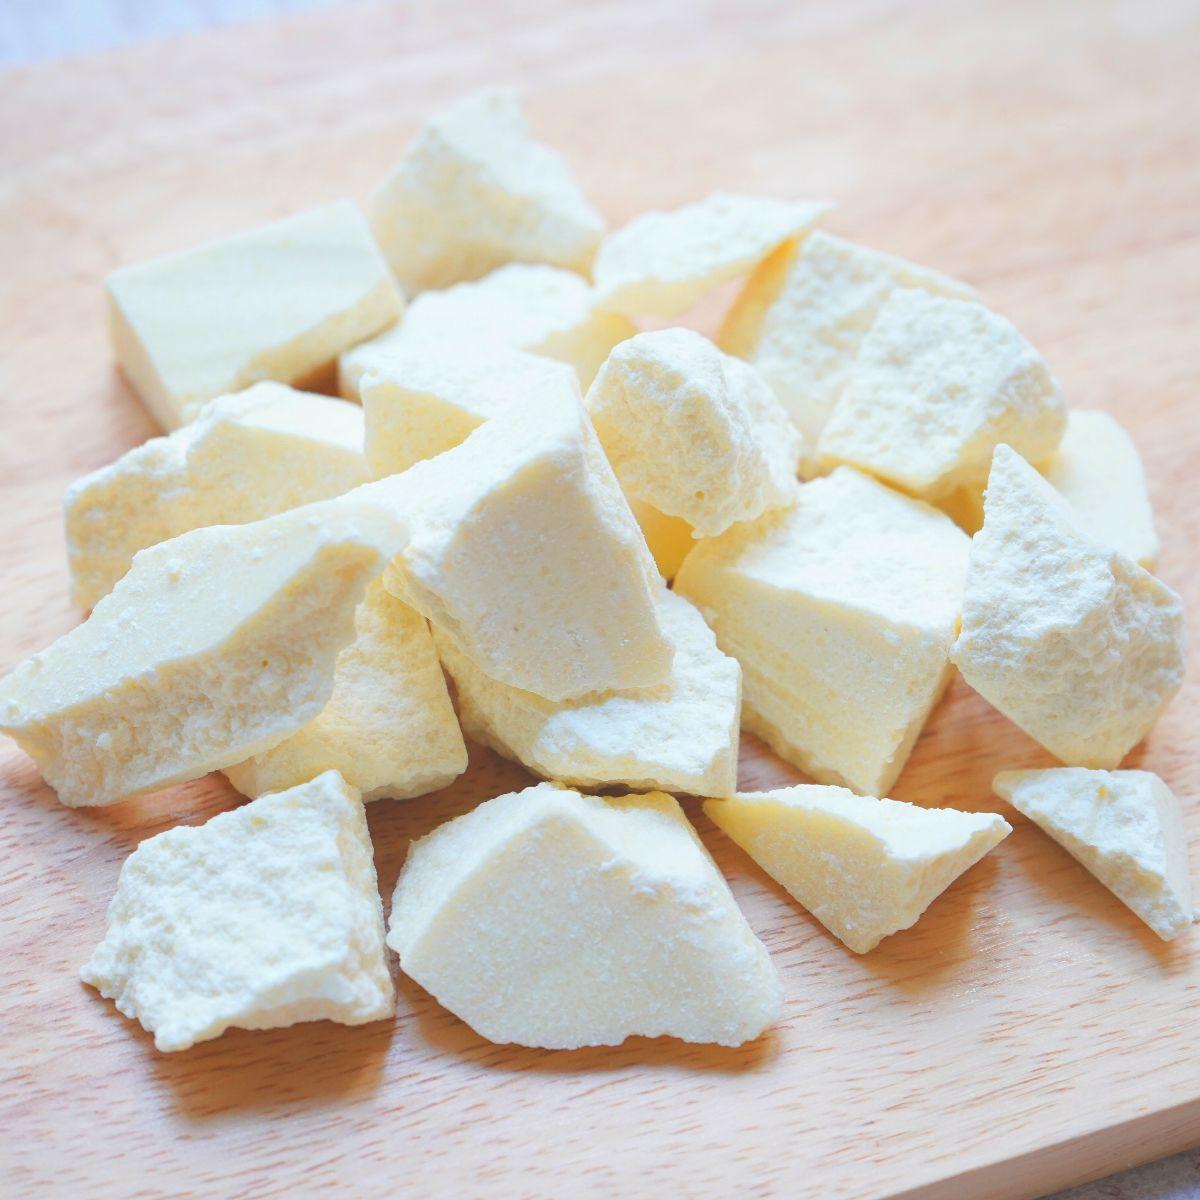 糖質制限 割れチョコ ホワイト